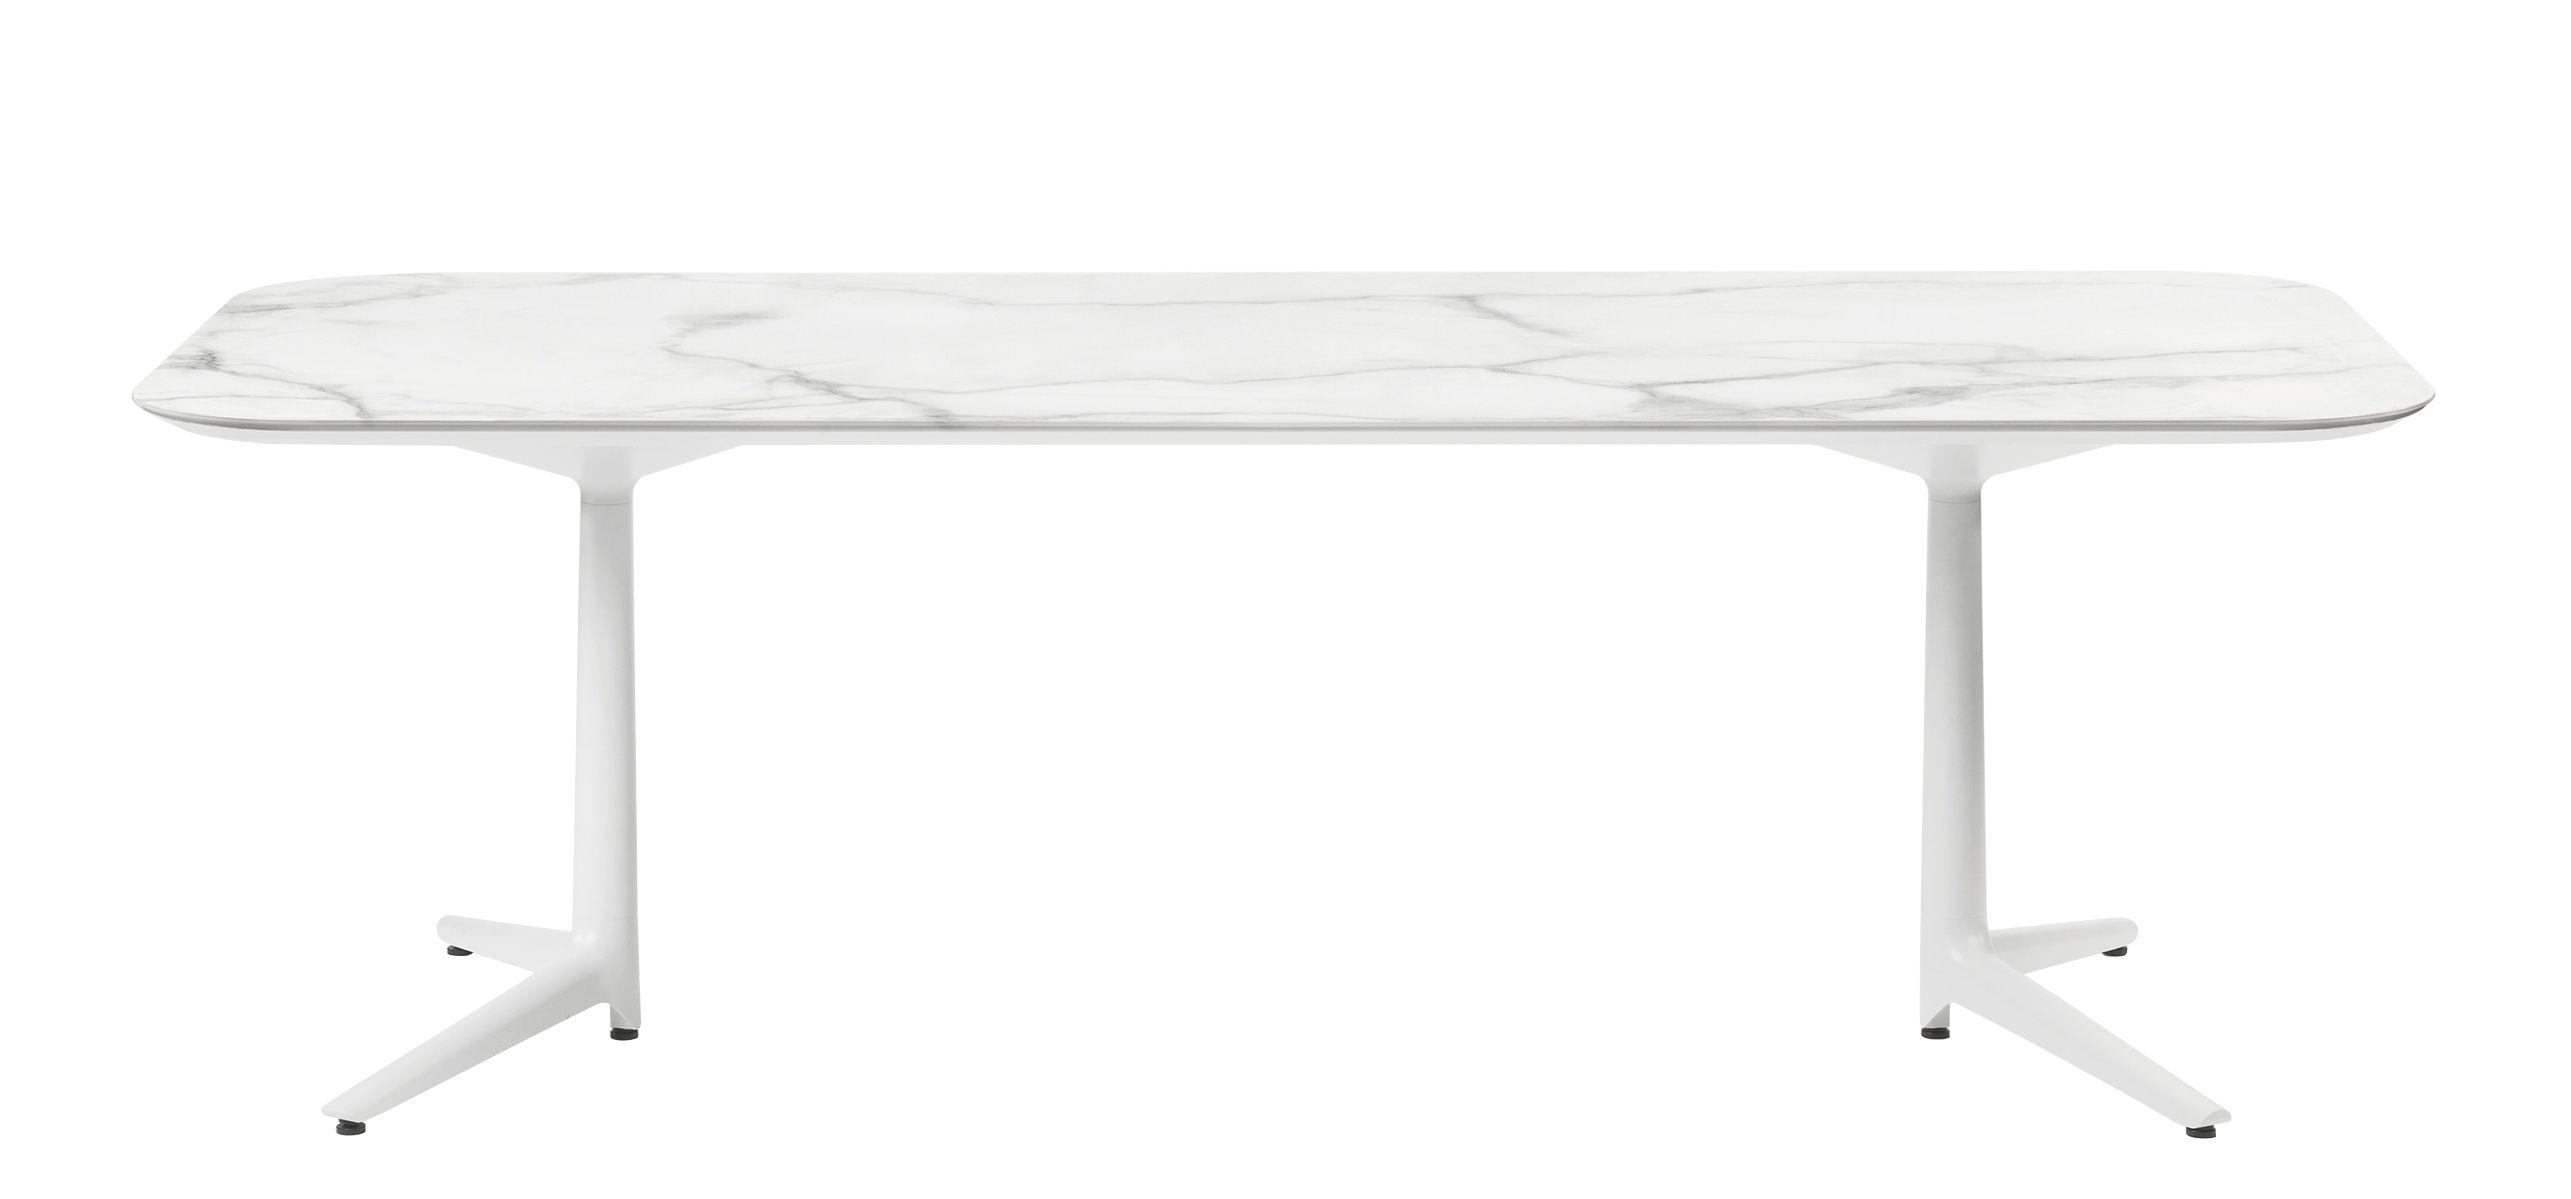 Outdoor - Tavoli  - Tavolo Multiplo Outdoor / Effetto marmo - 180 x 90 cm - Kartell - Effetto marmo bianco / Piede bianco - alluminio verniciato, Gres porcellanato effetto marmo